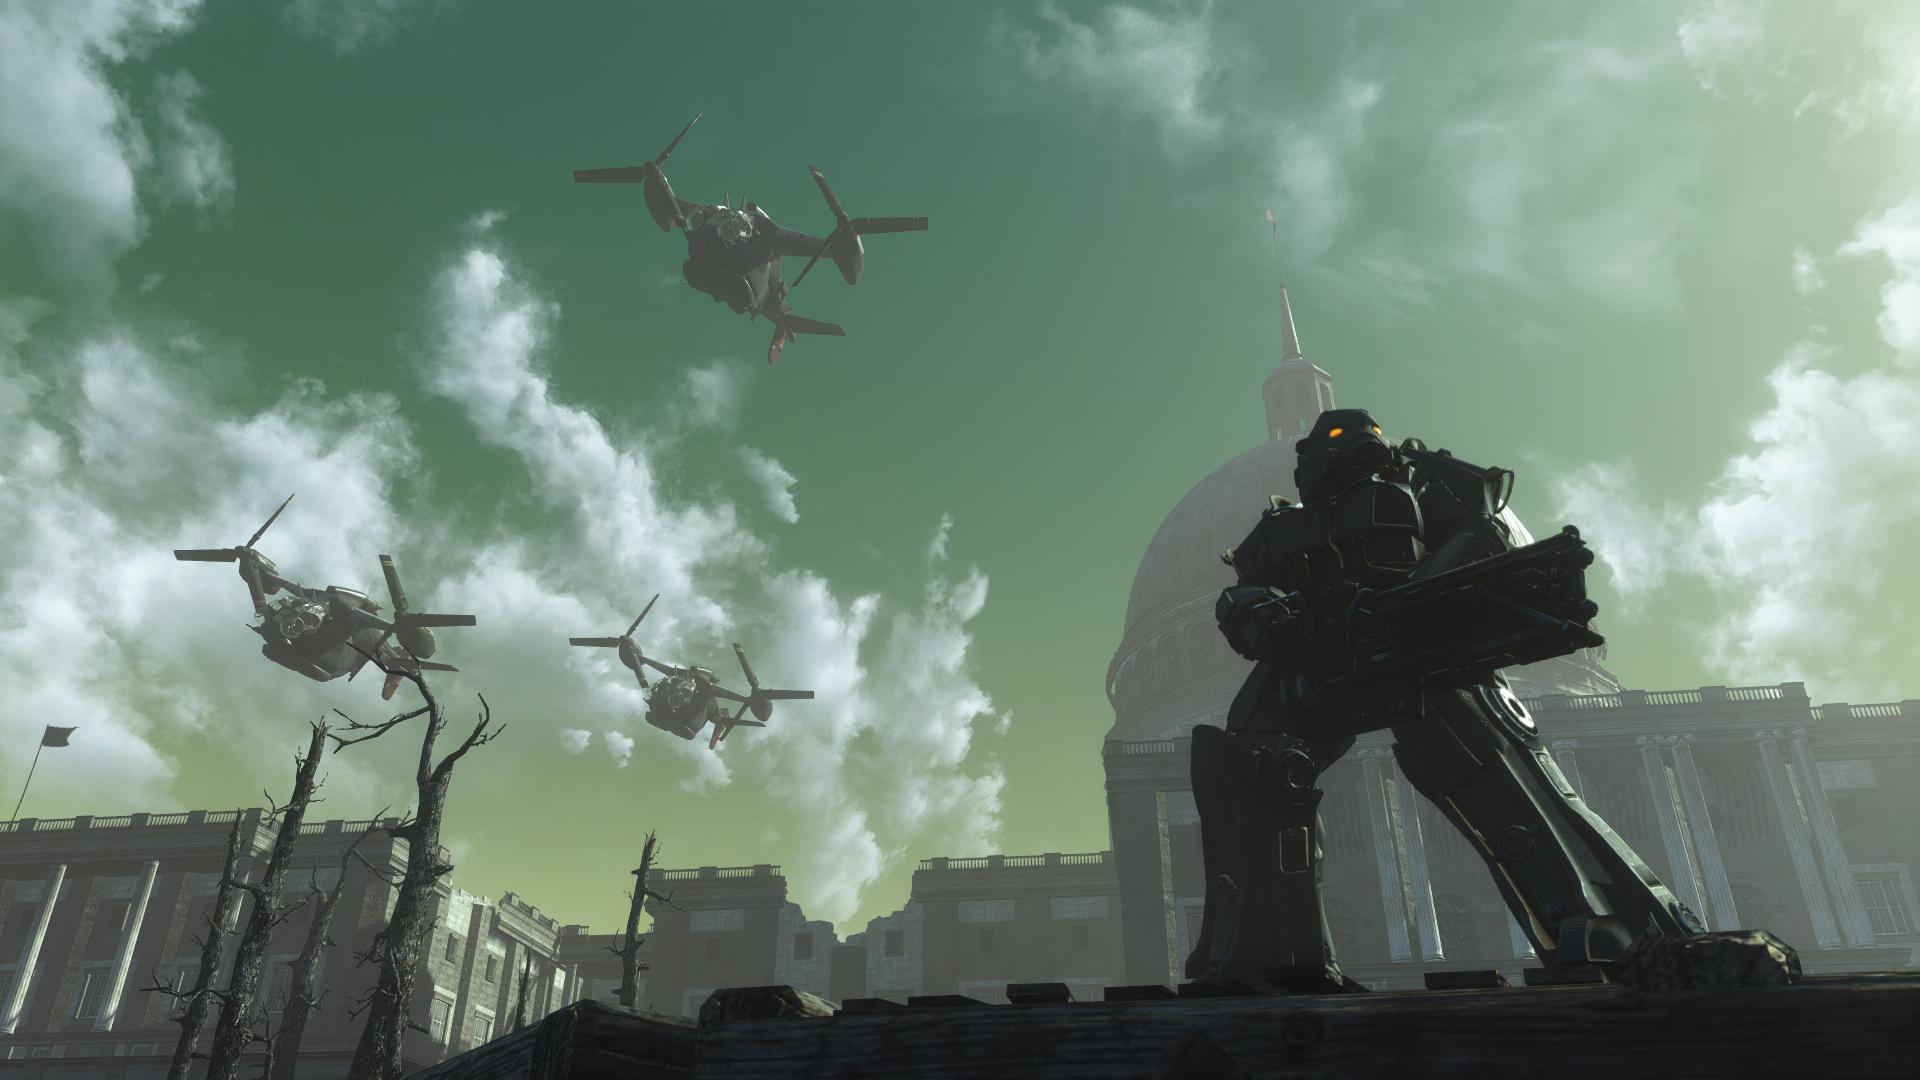 Видео: знакомые виды в новой геймплейной демонстрации фанатского ремастера Fallout 3 на движке Fallout 4